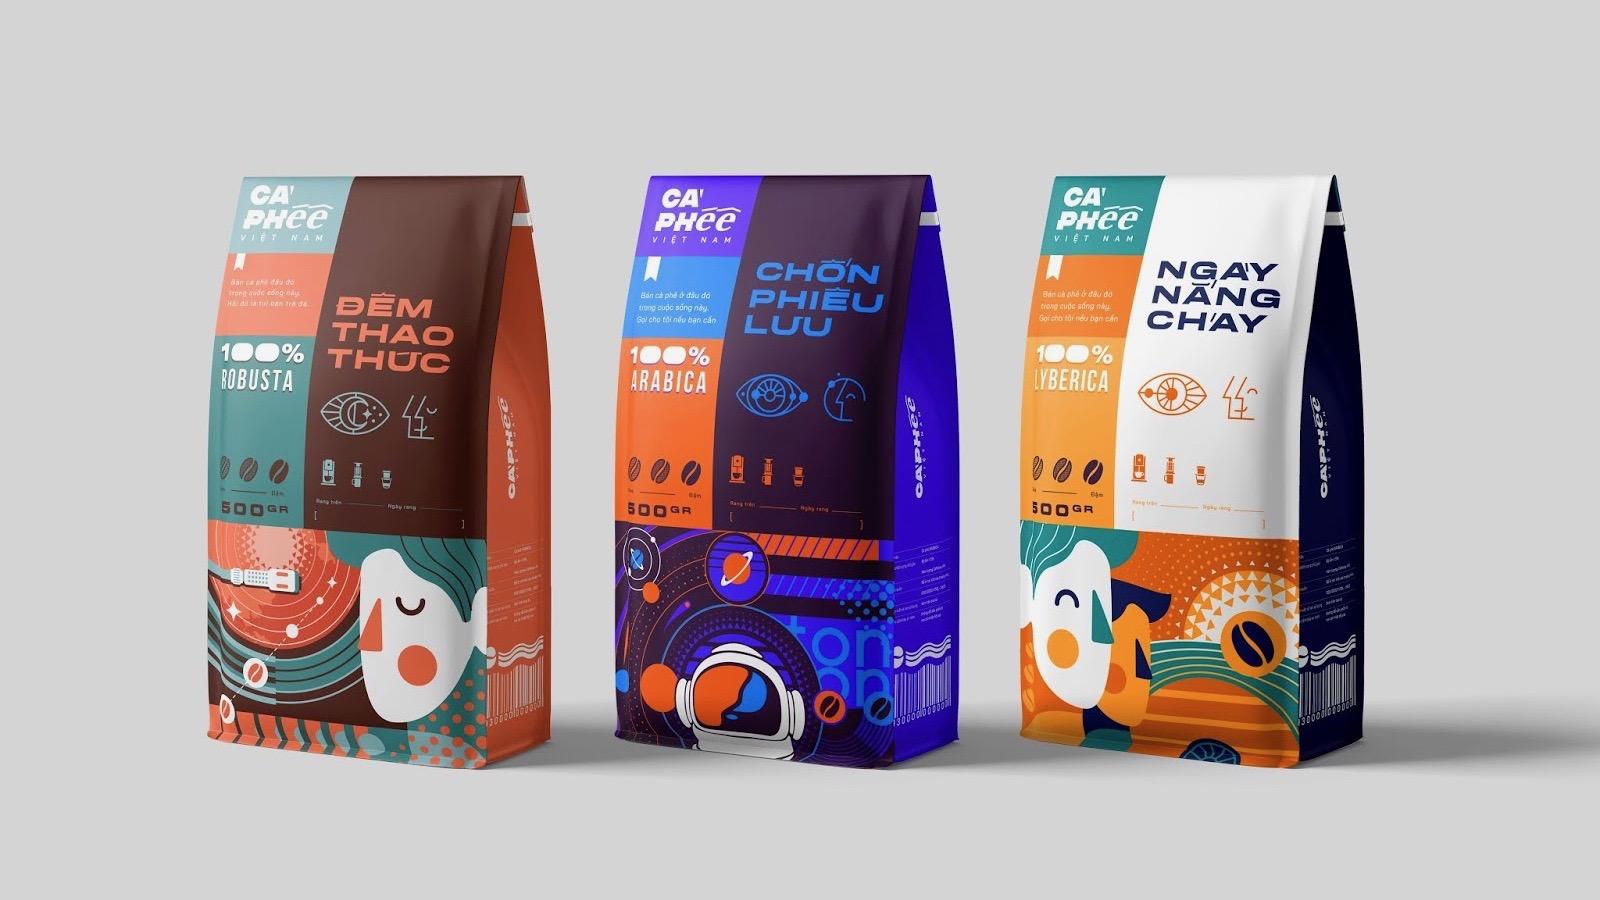 Le packaging (possible dessin ou modèle industriel) pour ...